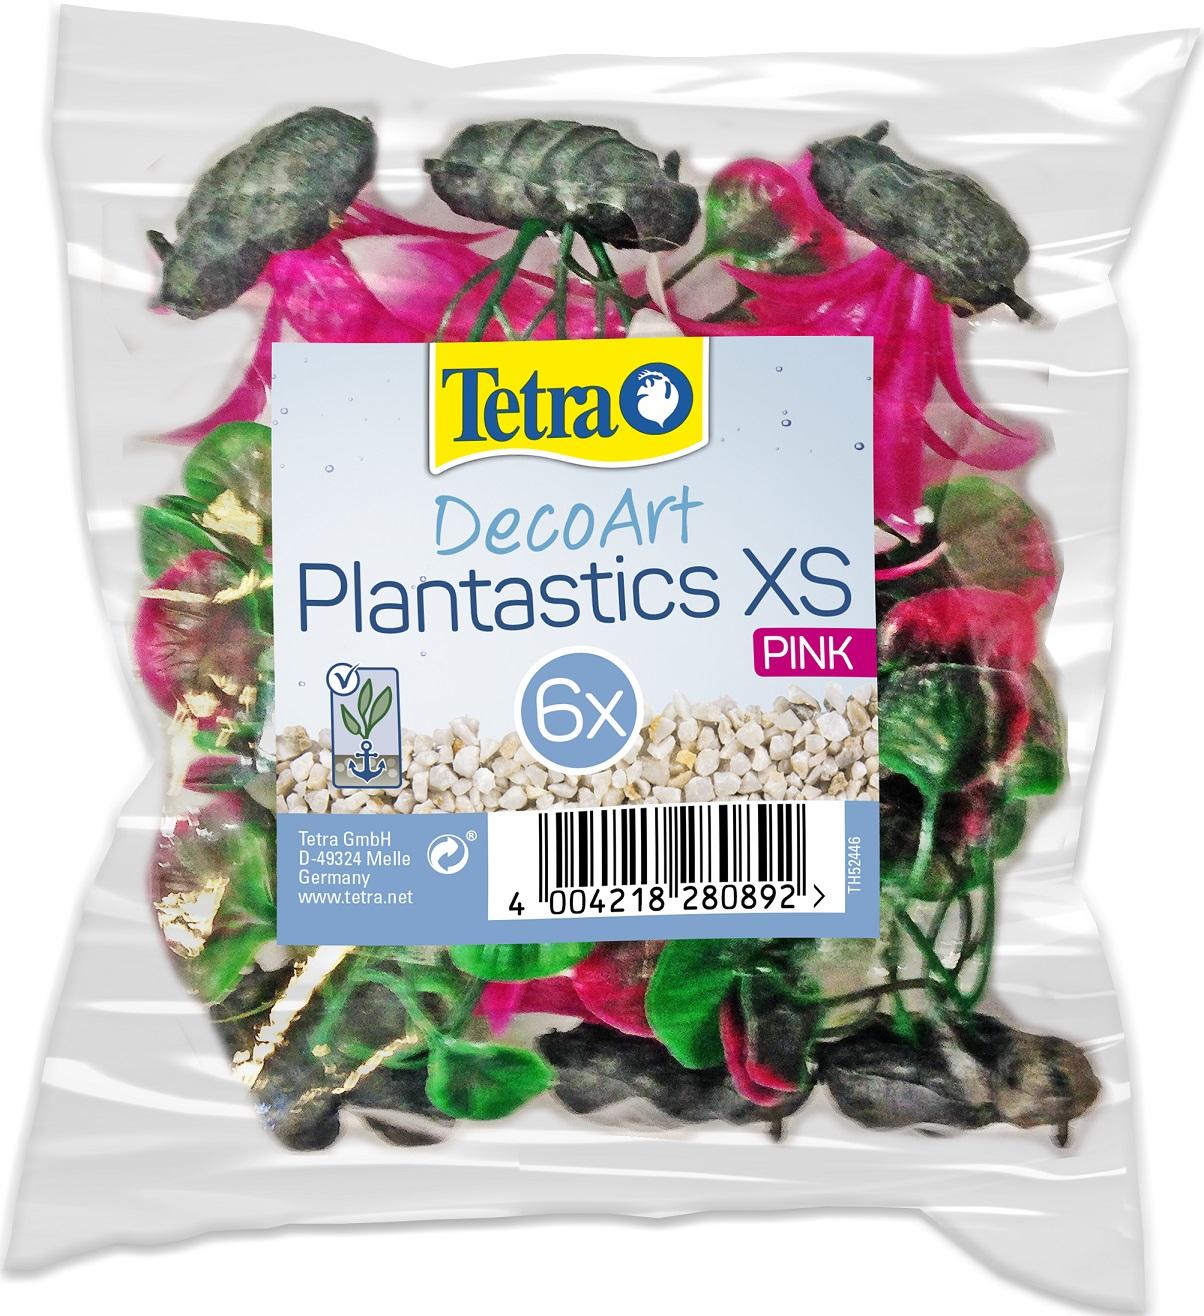 Растение пластиковое Tetra DecoArt Plantastics XS набор 6шт 6см